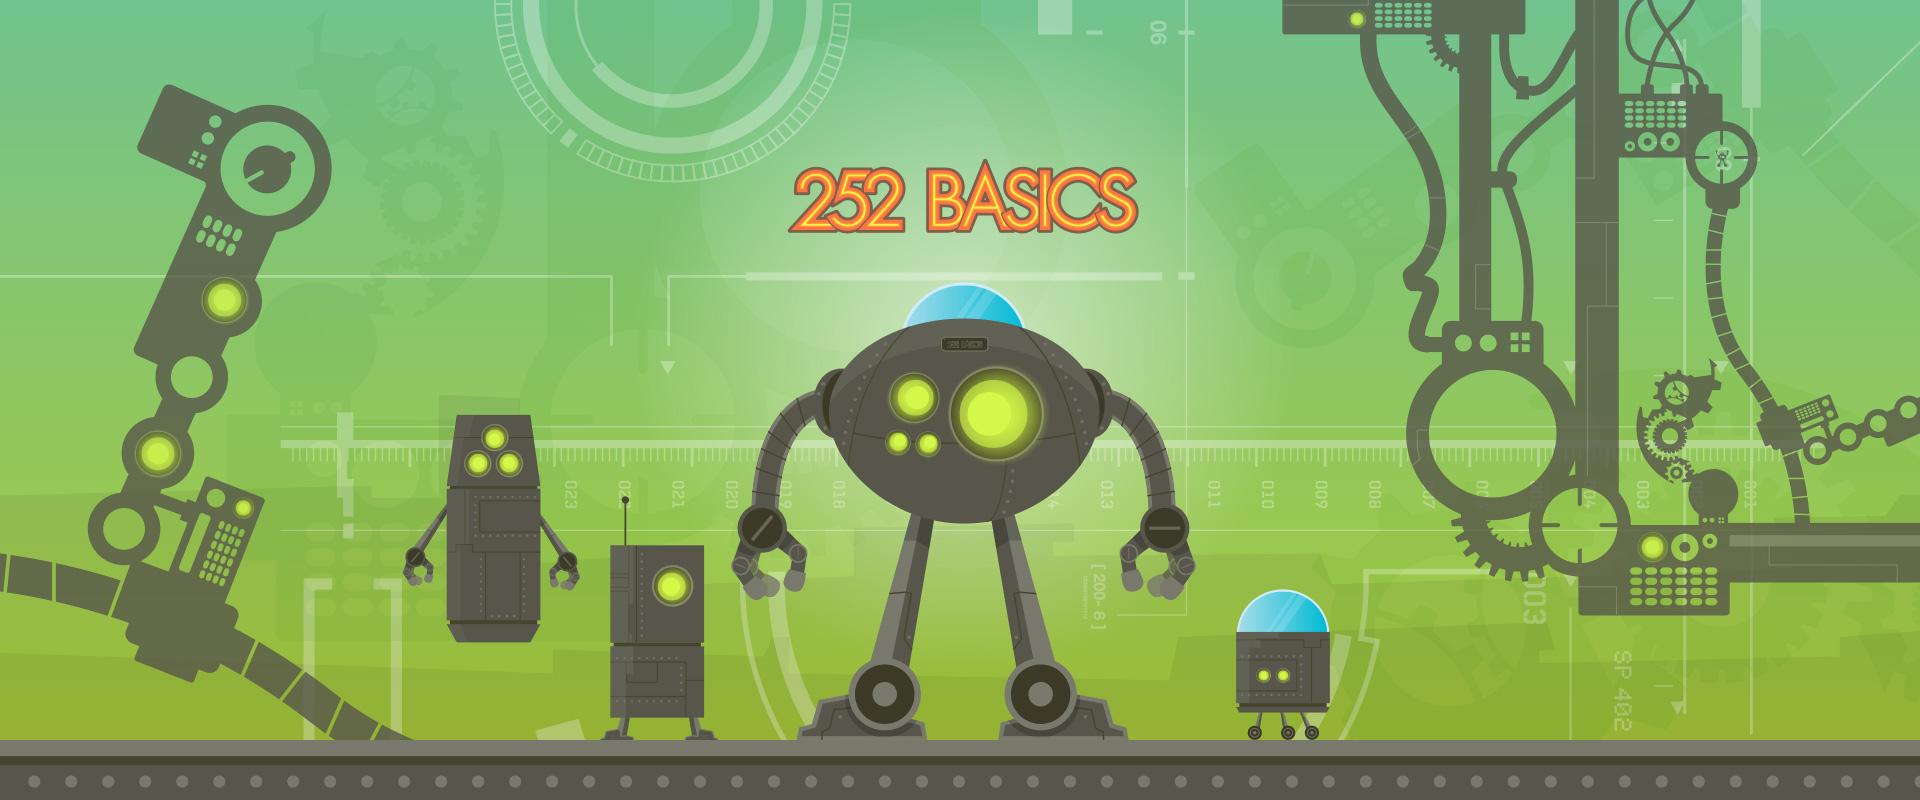 252 Basic